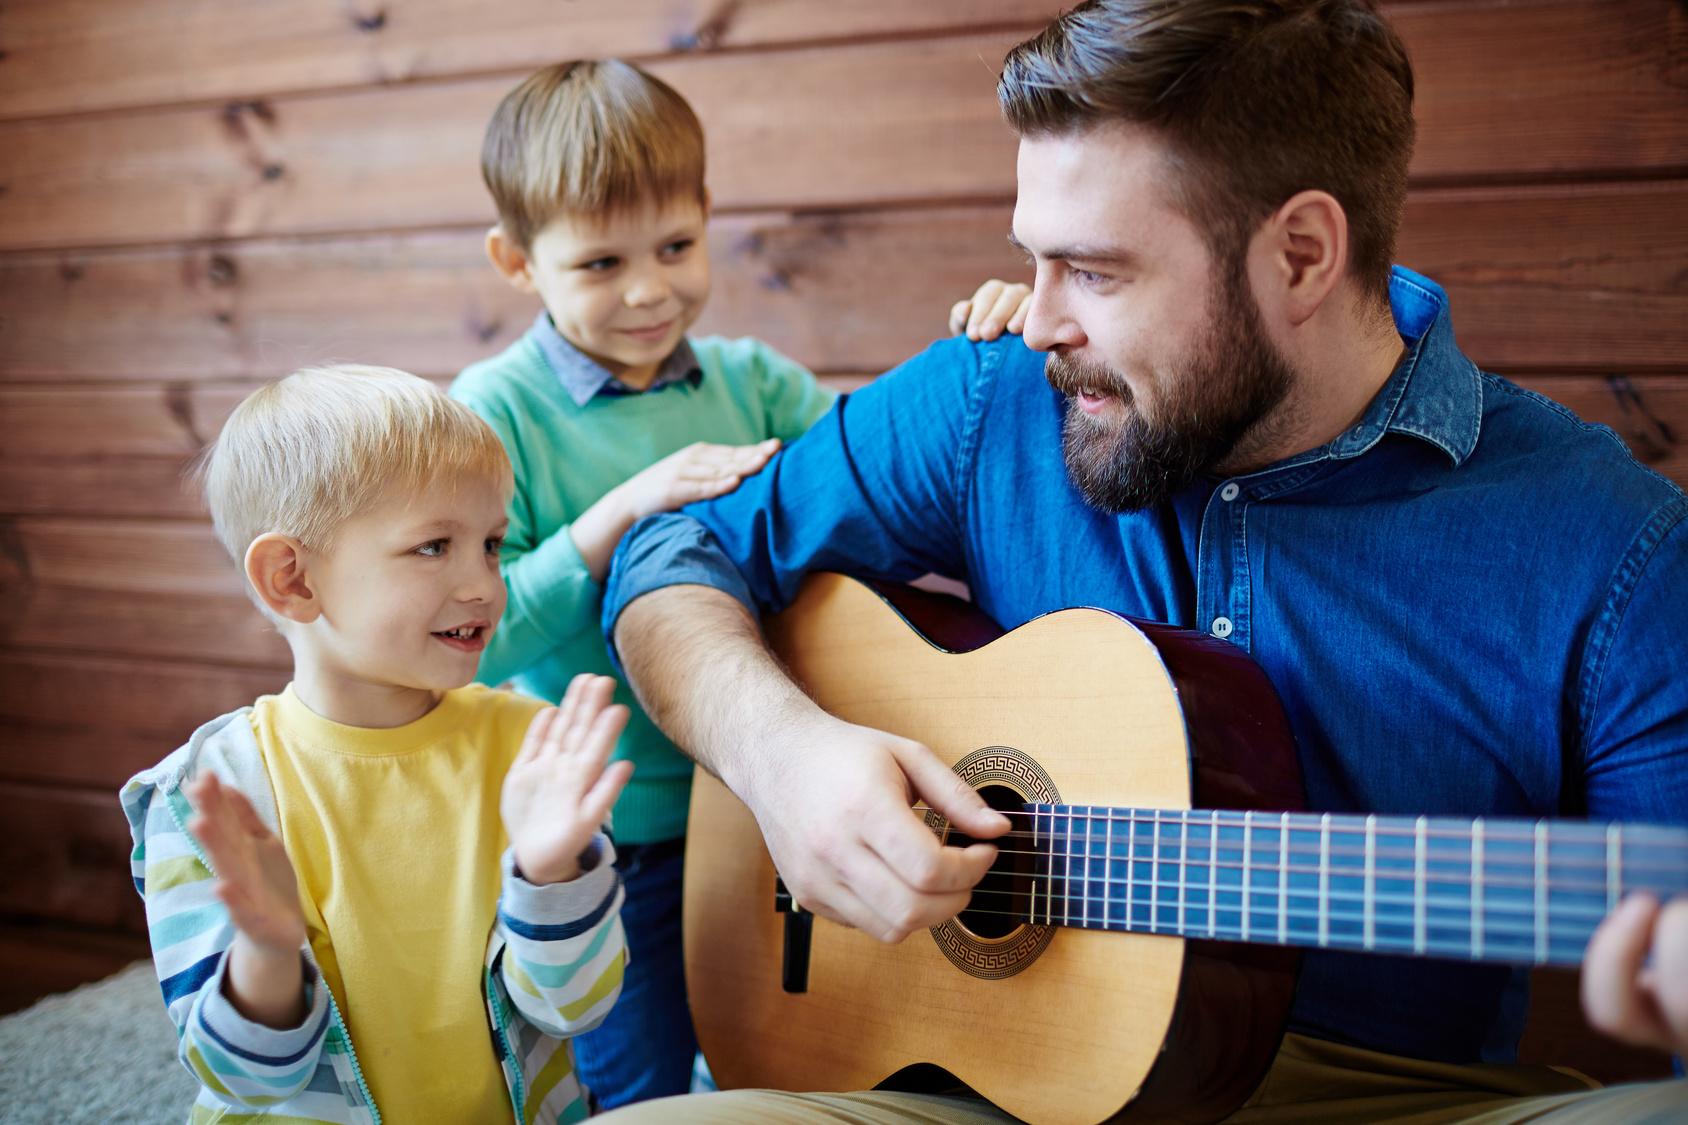 Erzieher singt mit zwei Jungen